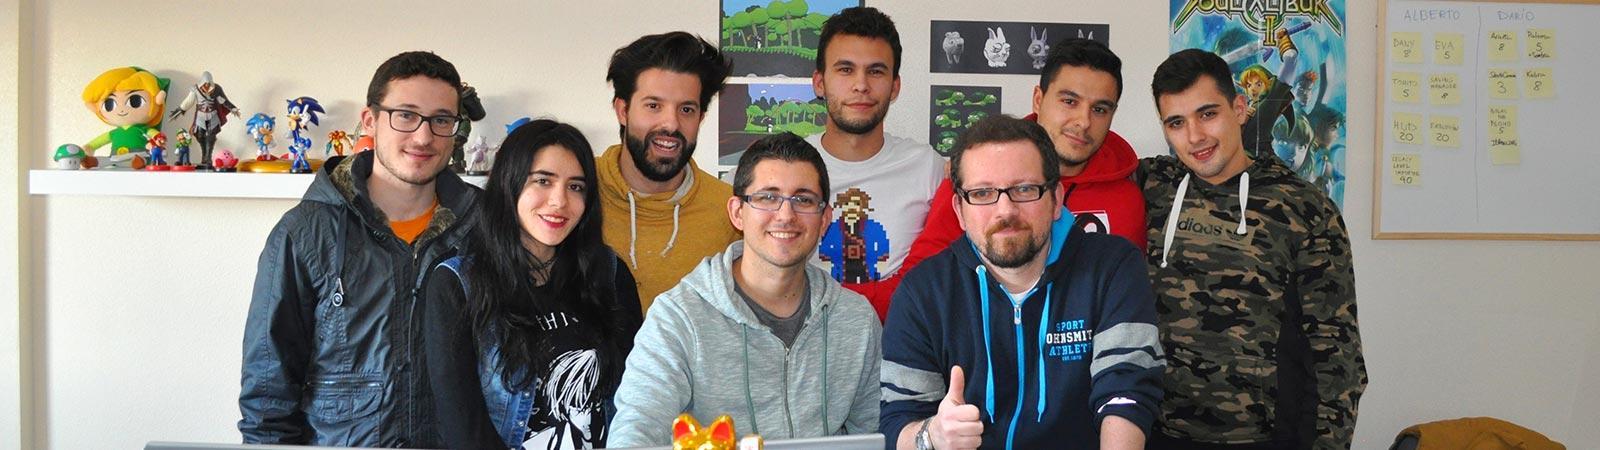 IslaBomba, ampliado el equipo de desarrollo